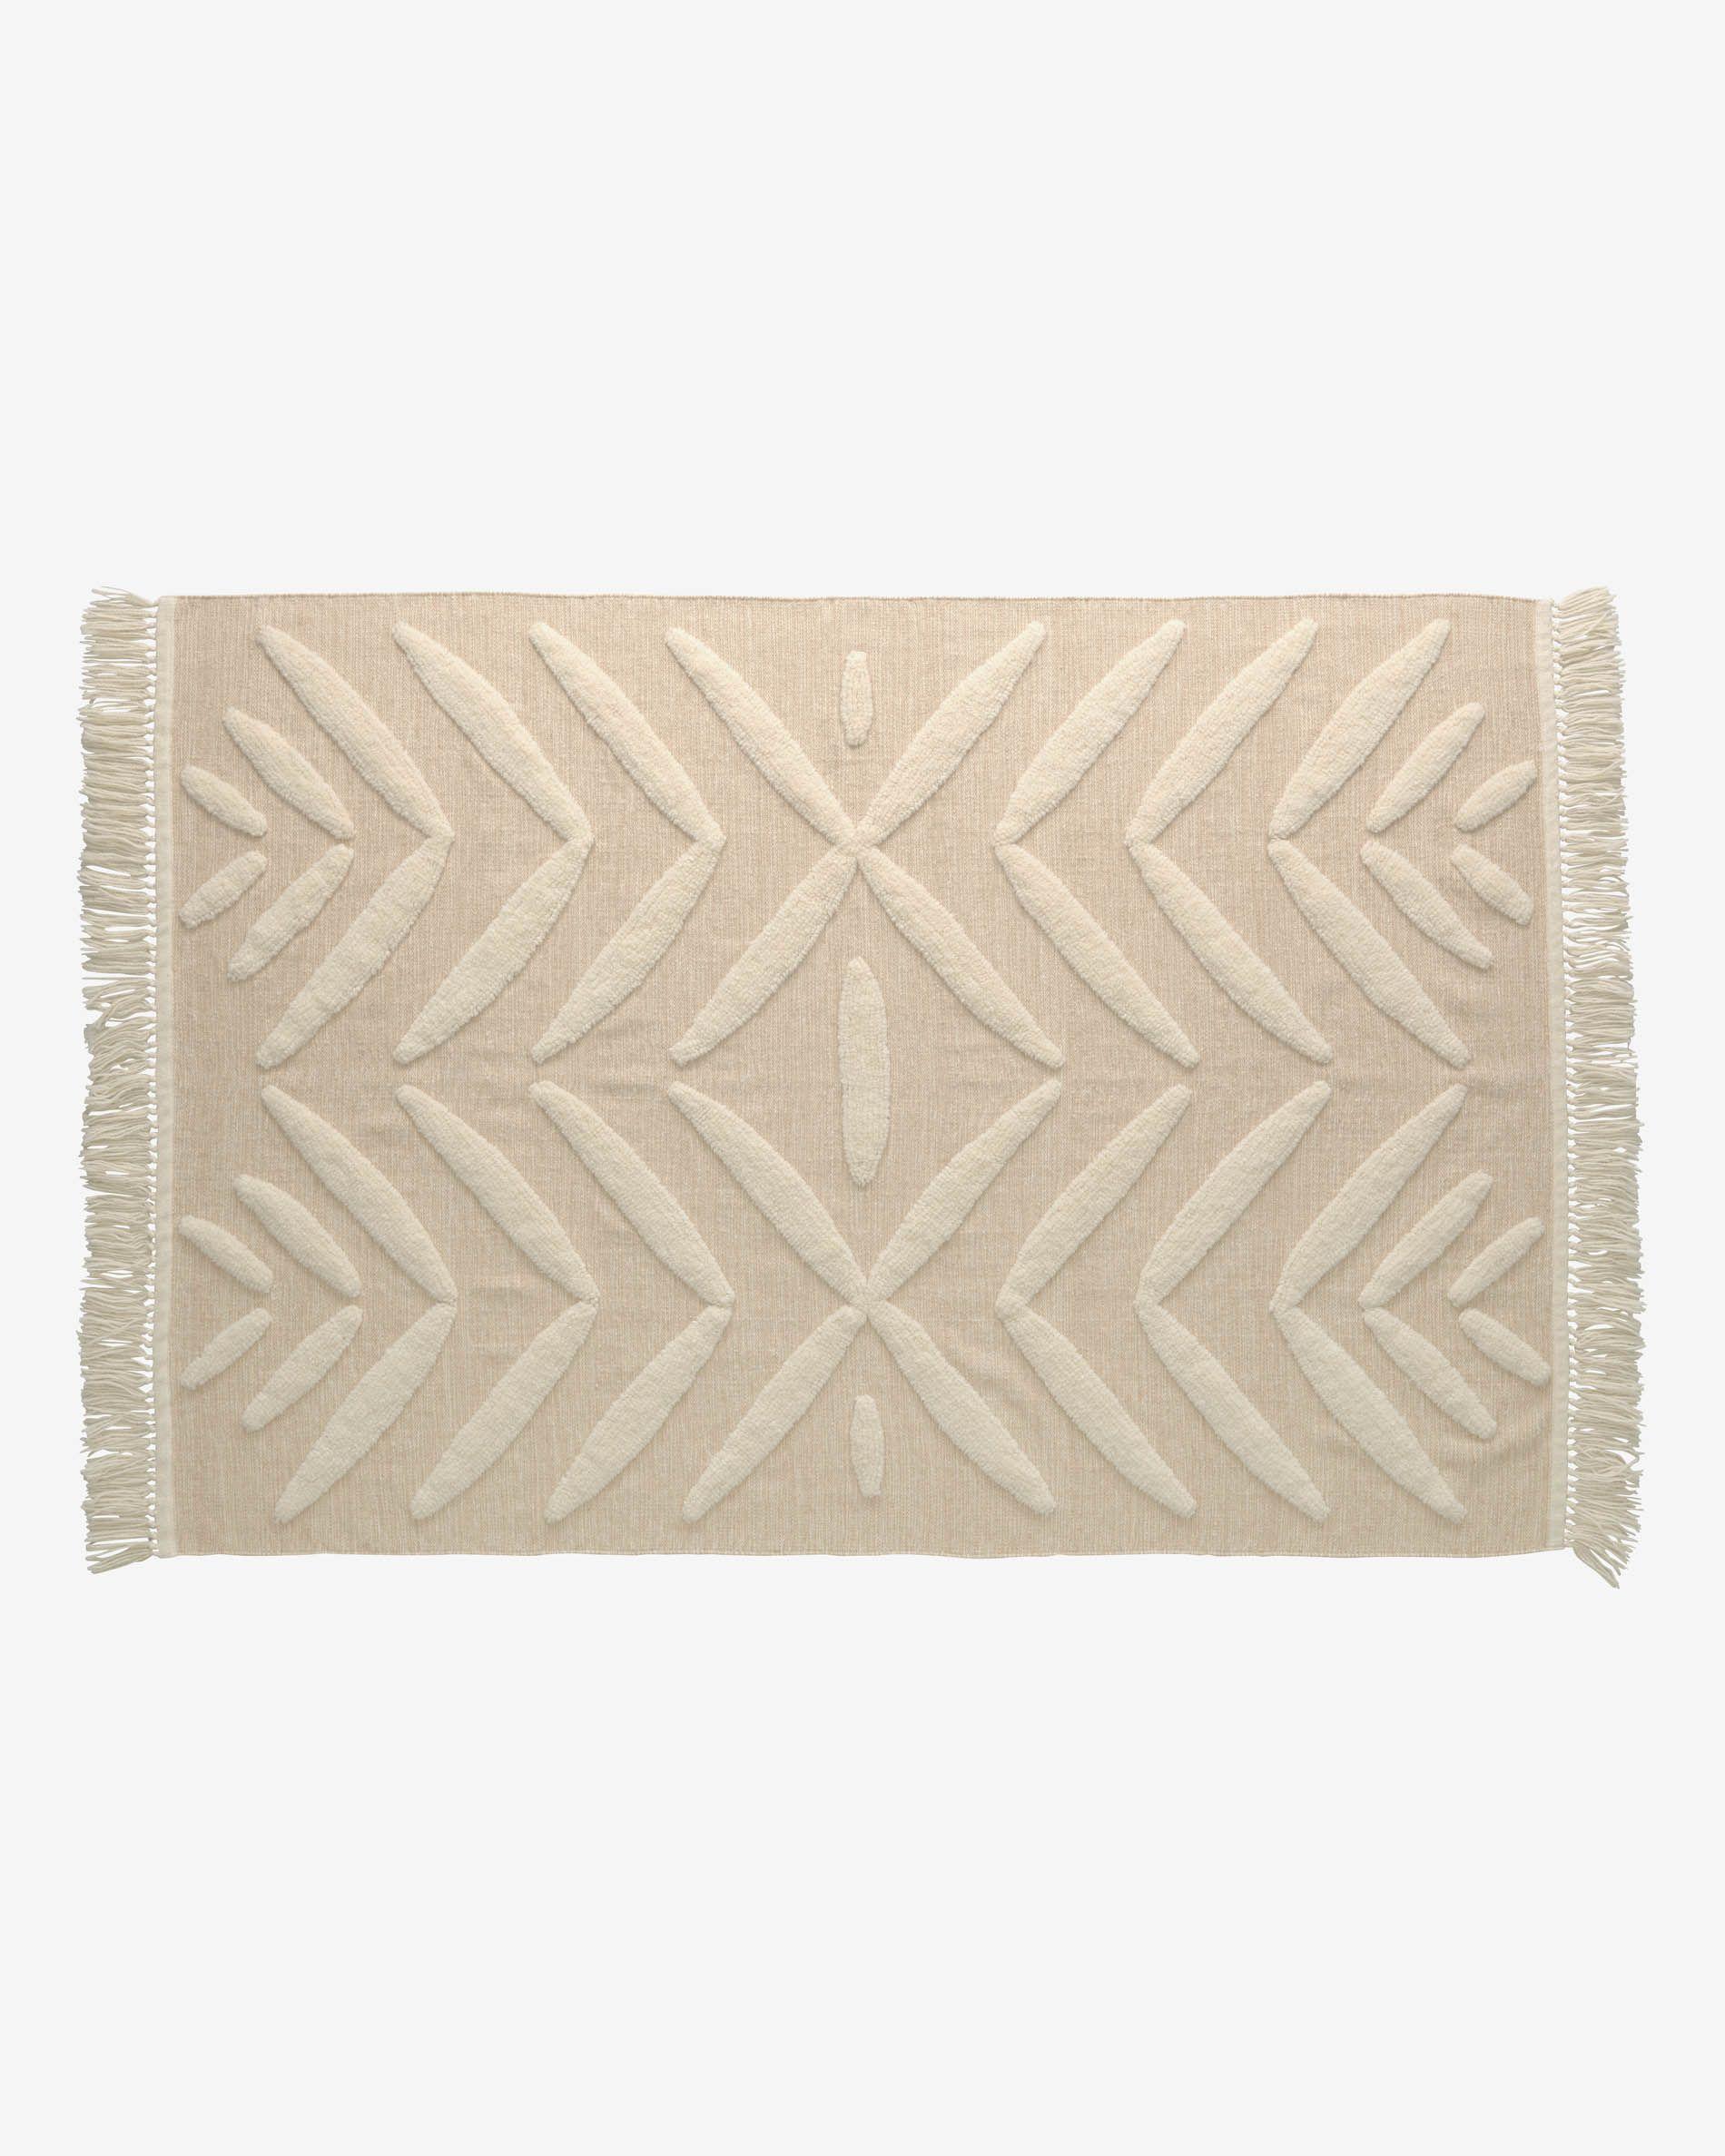 Alfombra Dethra lana y algodón 140 x 200 cm